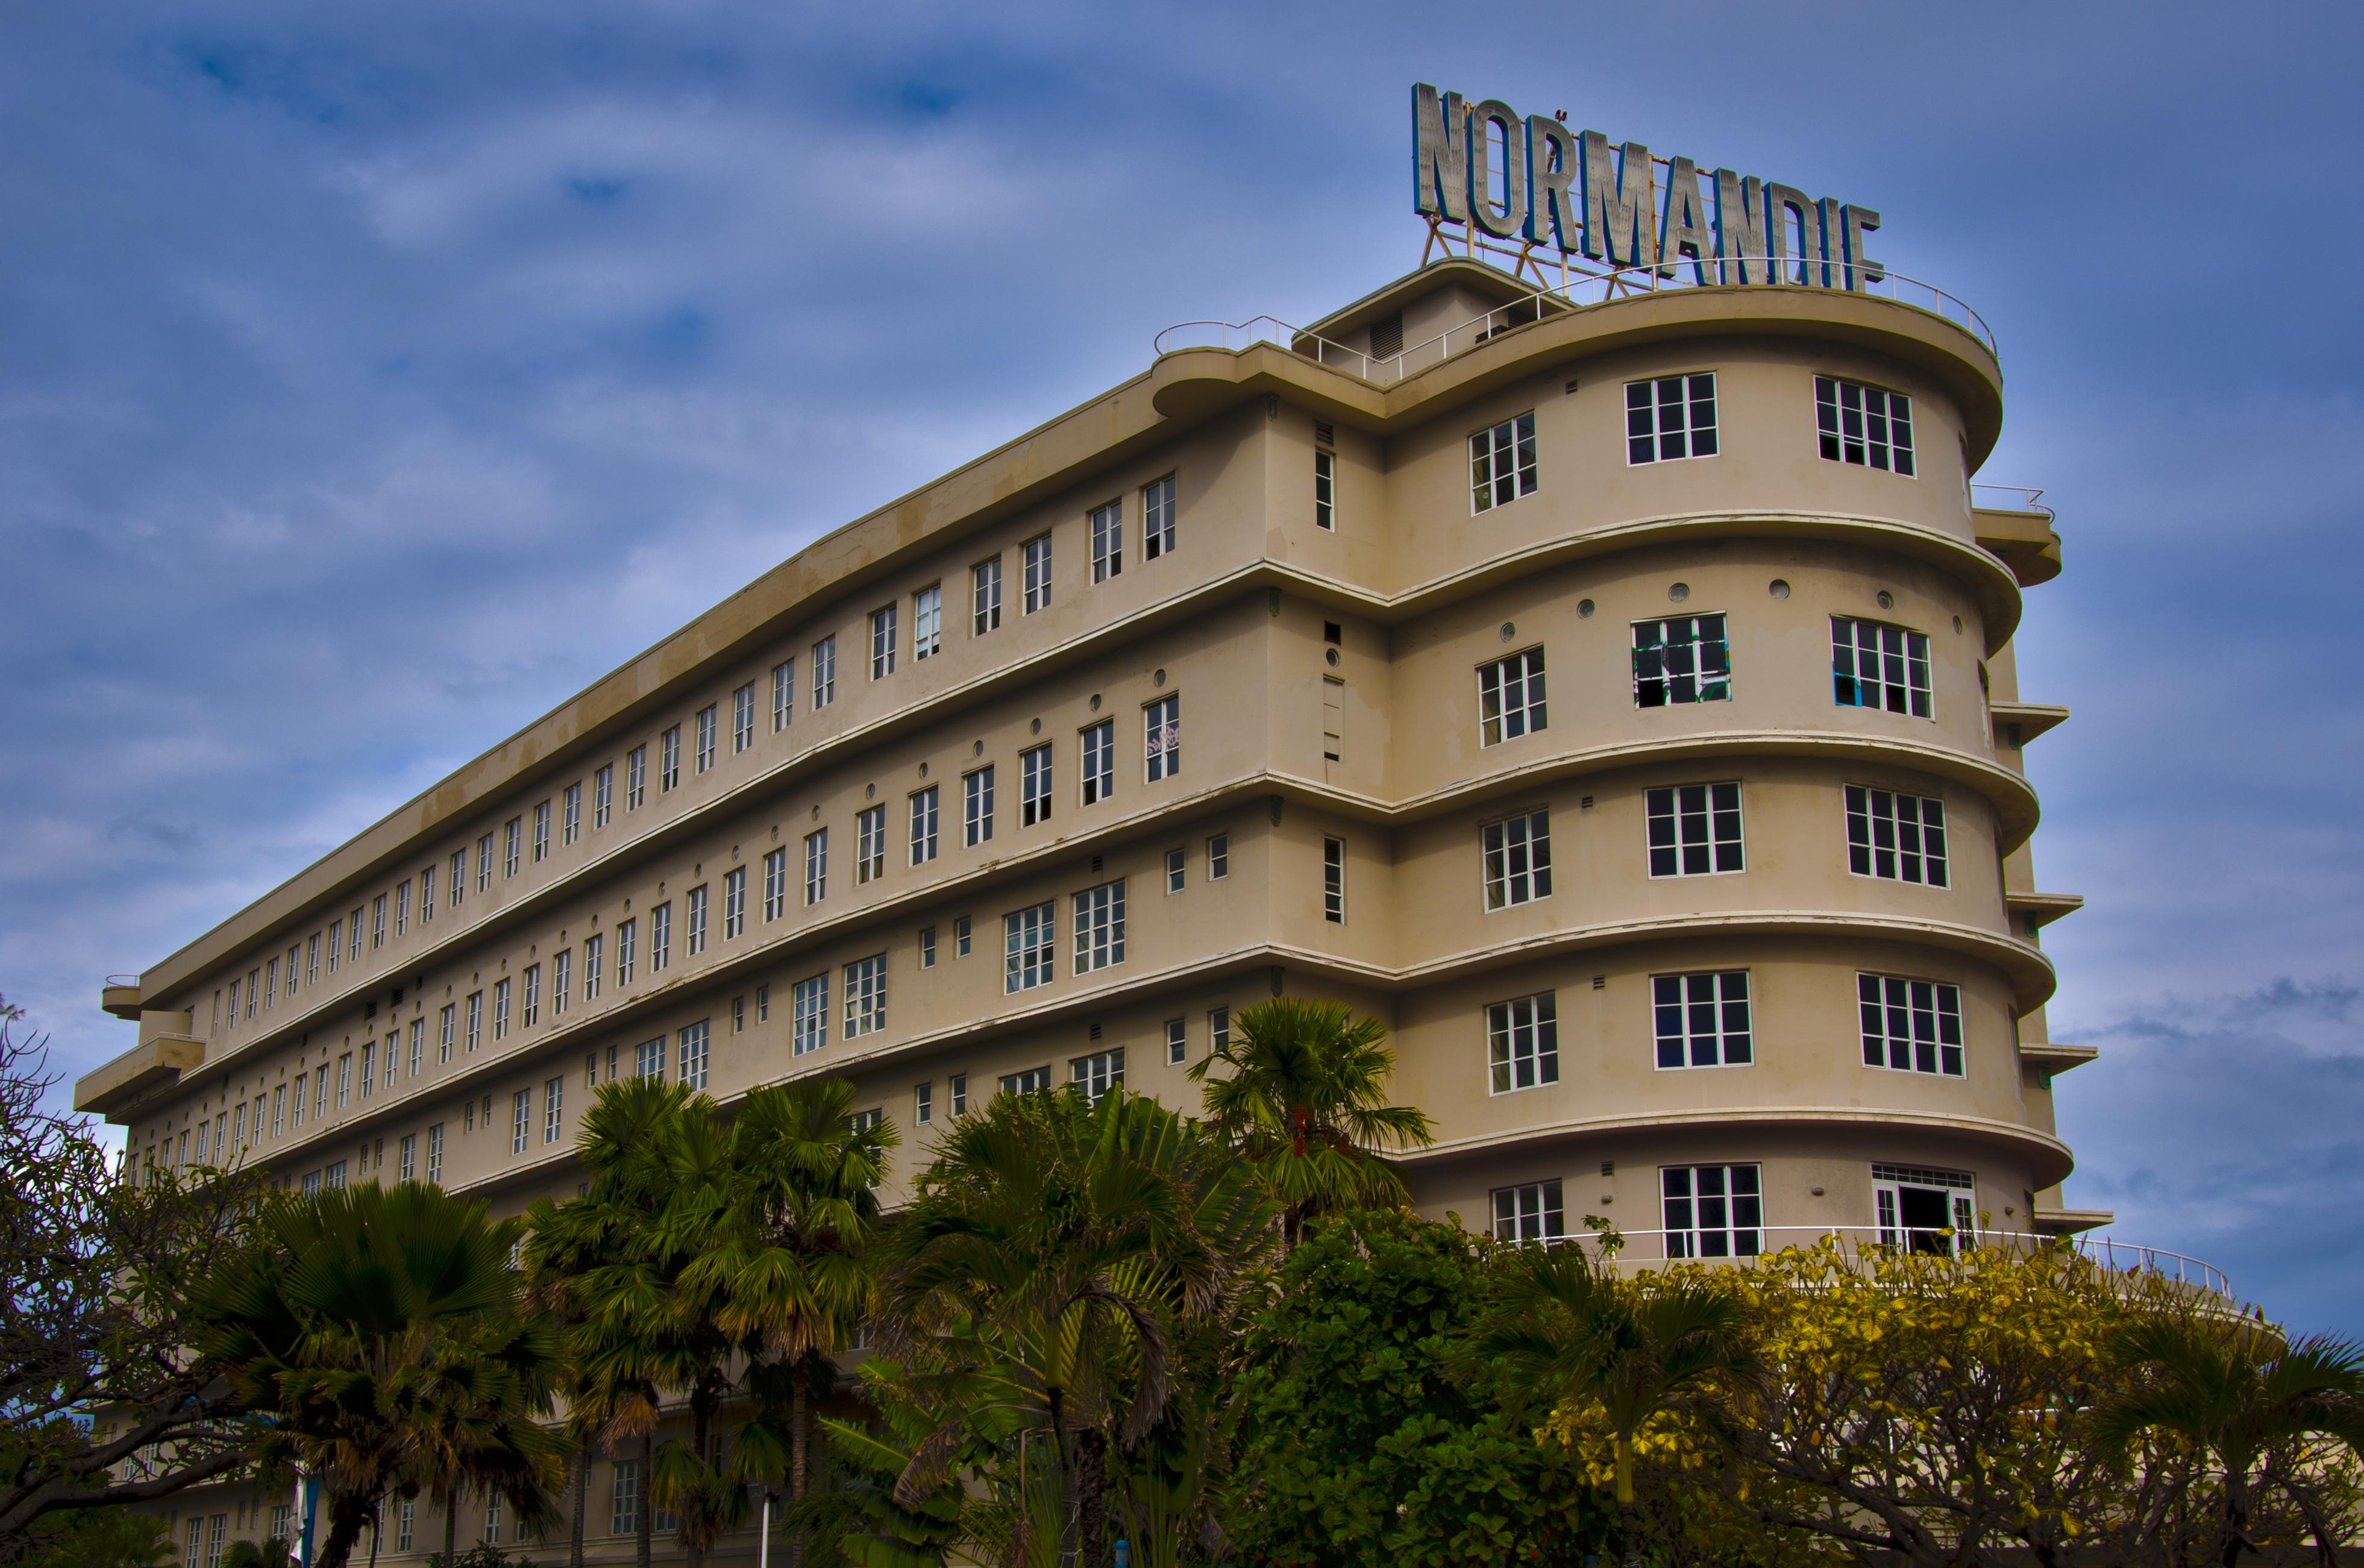 De Normandie Hotel Jersey Website